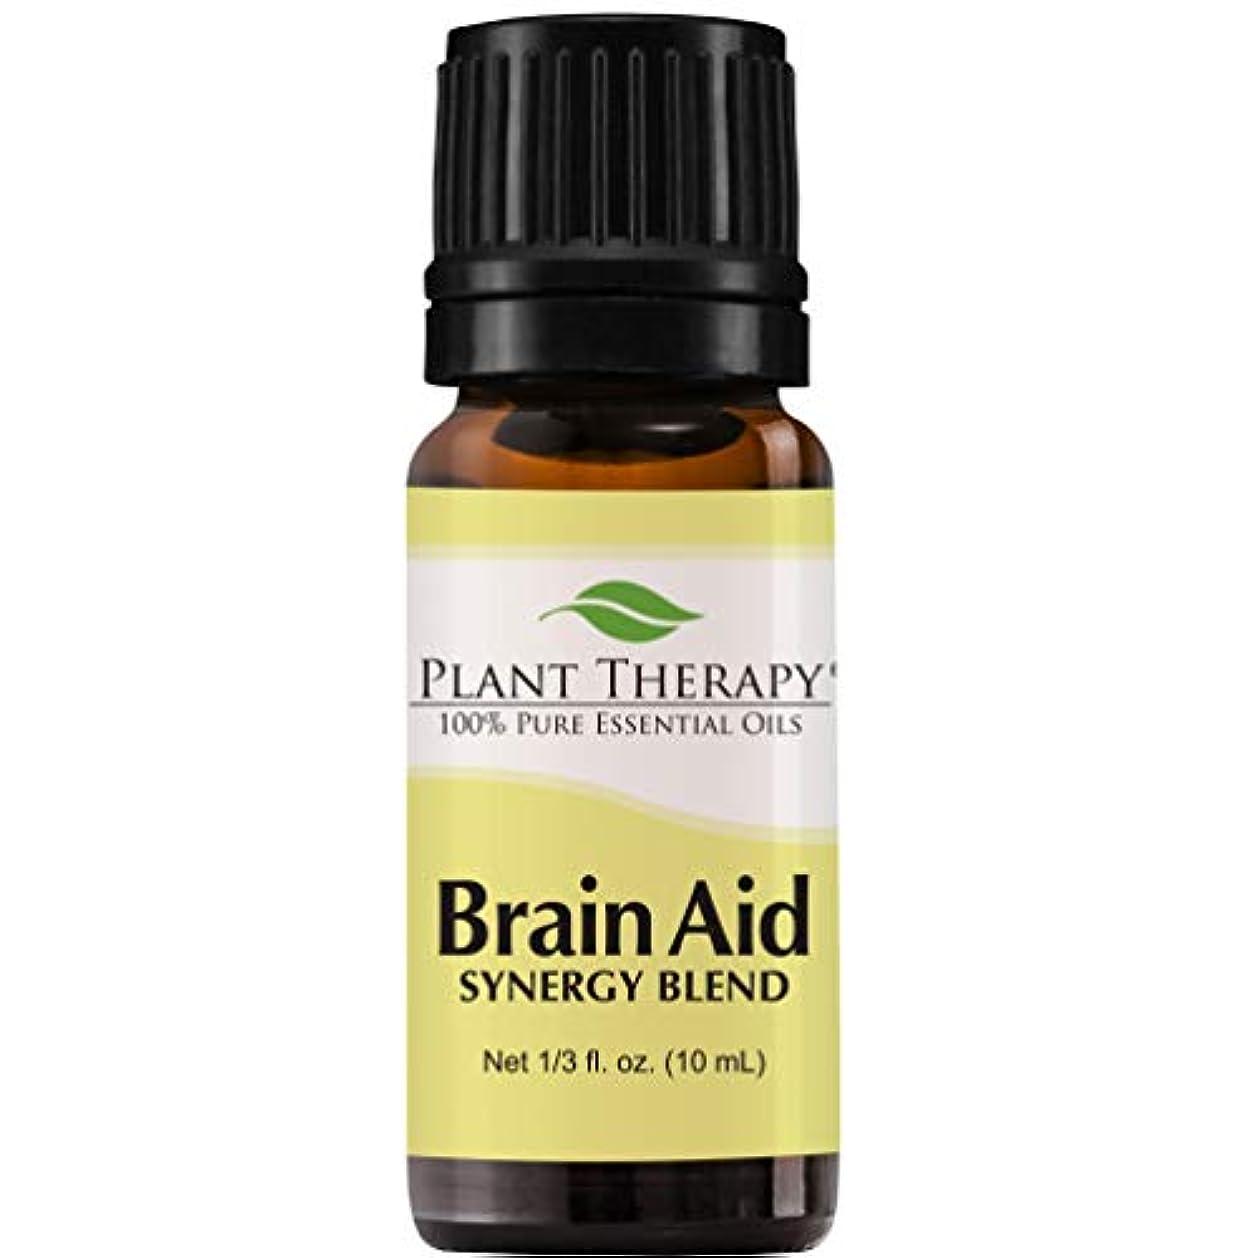 かび臭い植物学あなたのもの脳援助シナジー(精神的な焦点と明確にするため)。エッセンシャルオイルブレンド。 10ミリリットル(1/3オンス)。 100%ピュア、希釈していない、治療グレード。